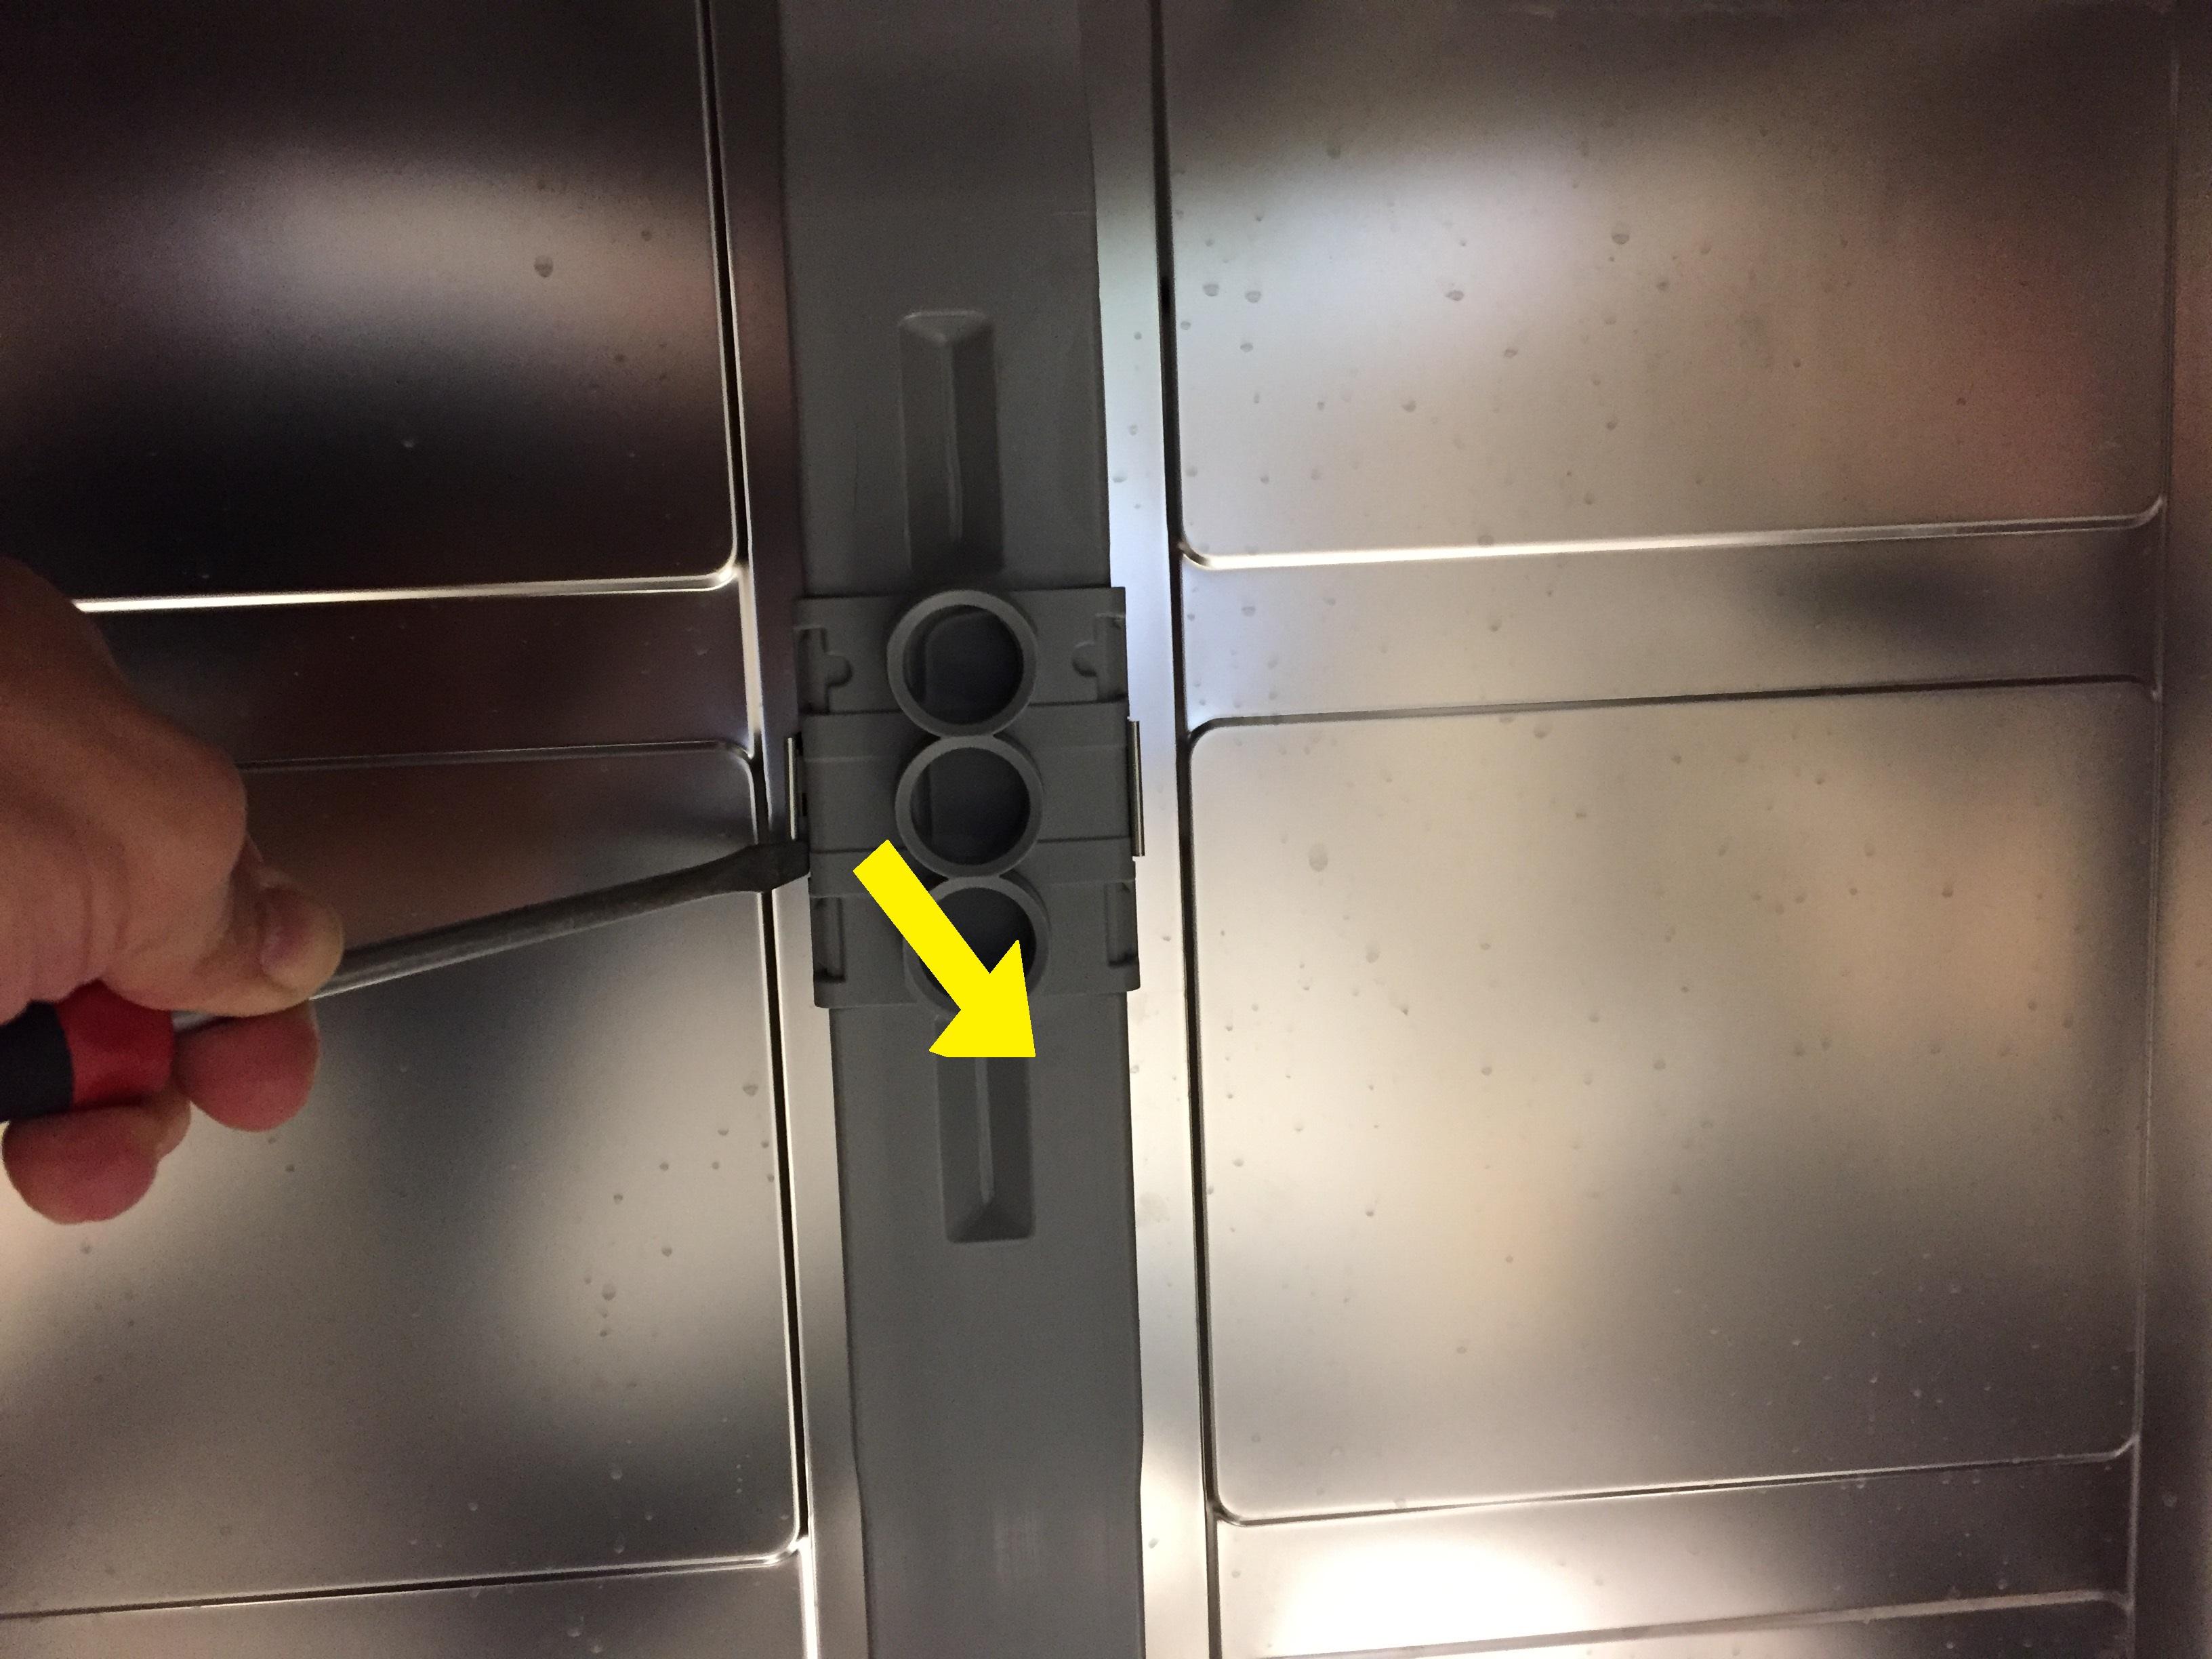 Klickvorrichtung des Wasserarms an der Rückseite lösen